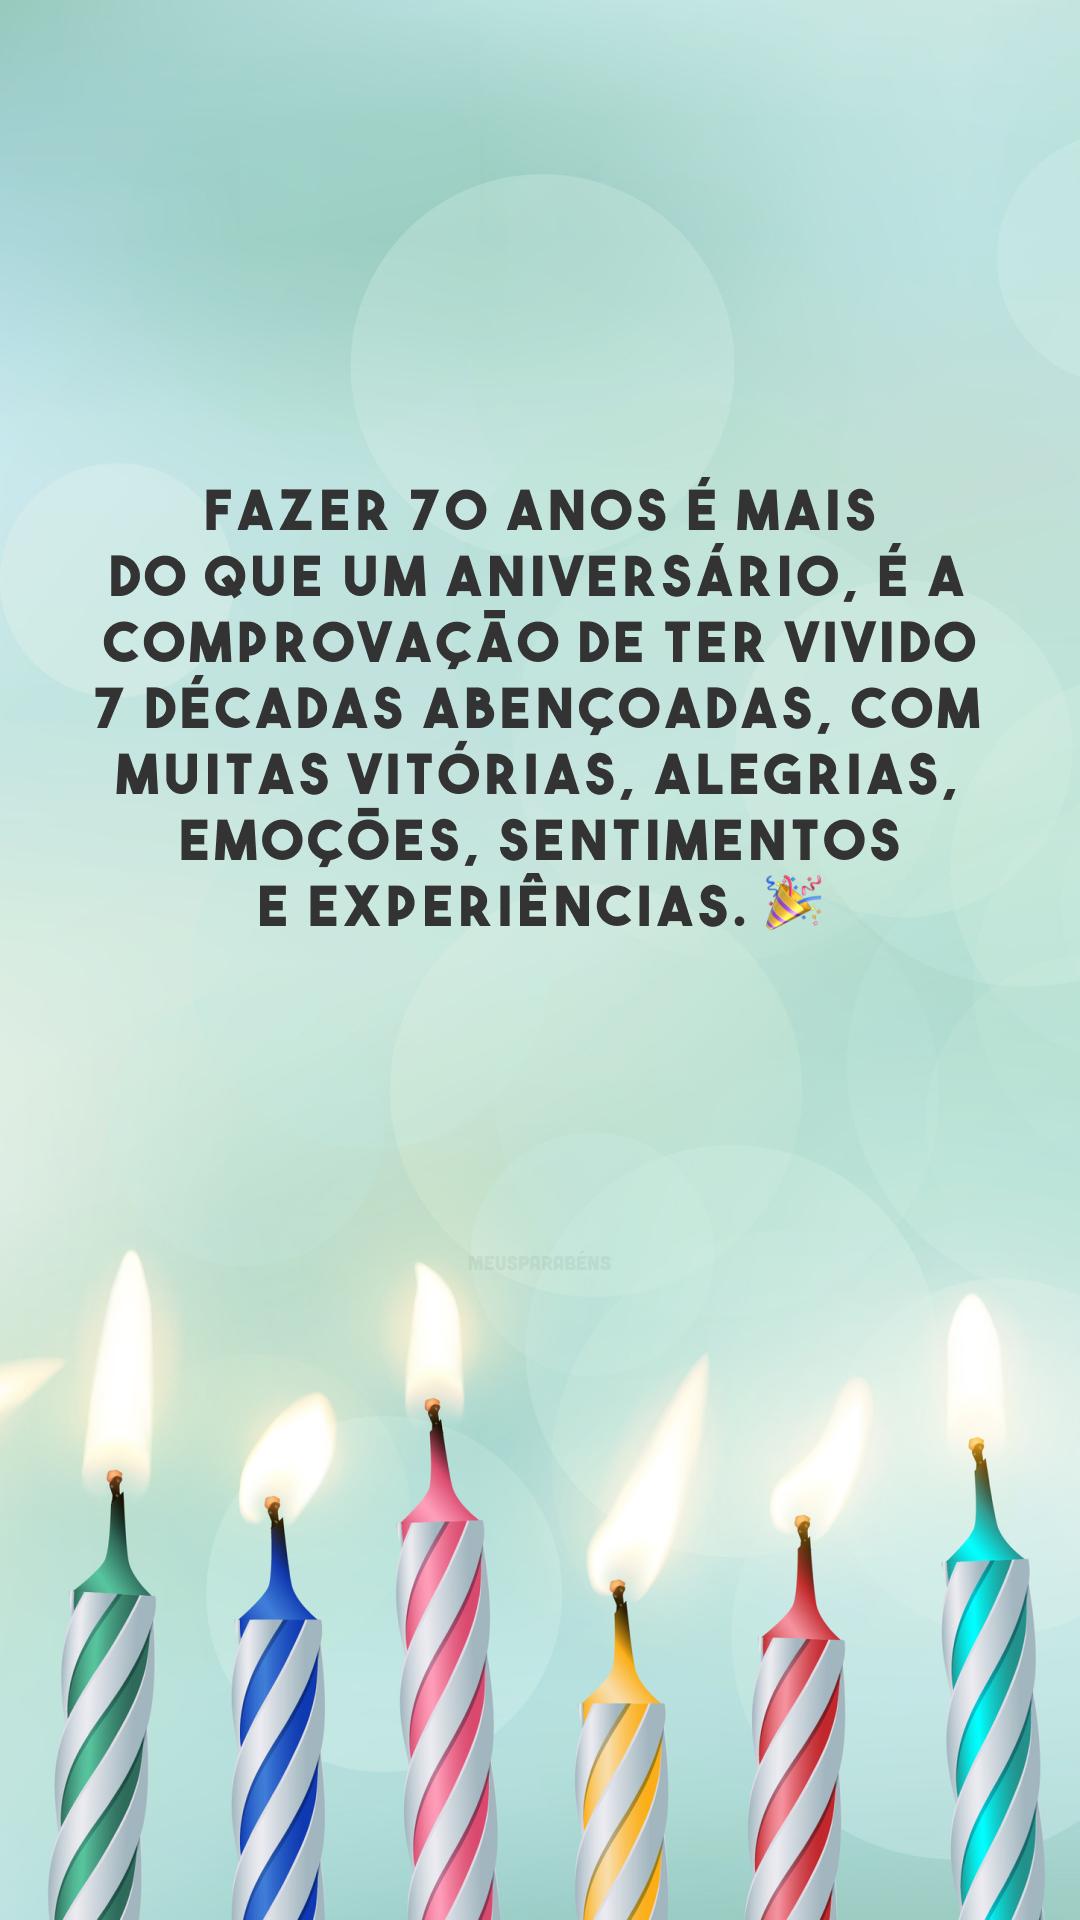 Fazer 70 anos é mais do que um aniversário, é a comprovação de ter vivido 7 décadas abençoadas, com muitas vitórias, alegrias, emoções, sentimentos e experiências. 🎉